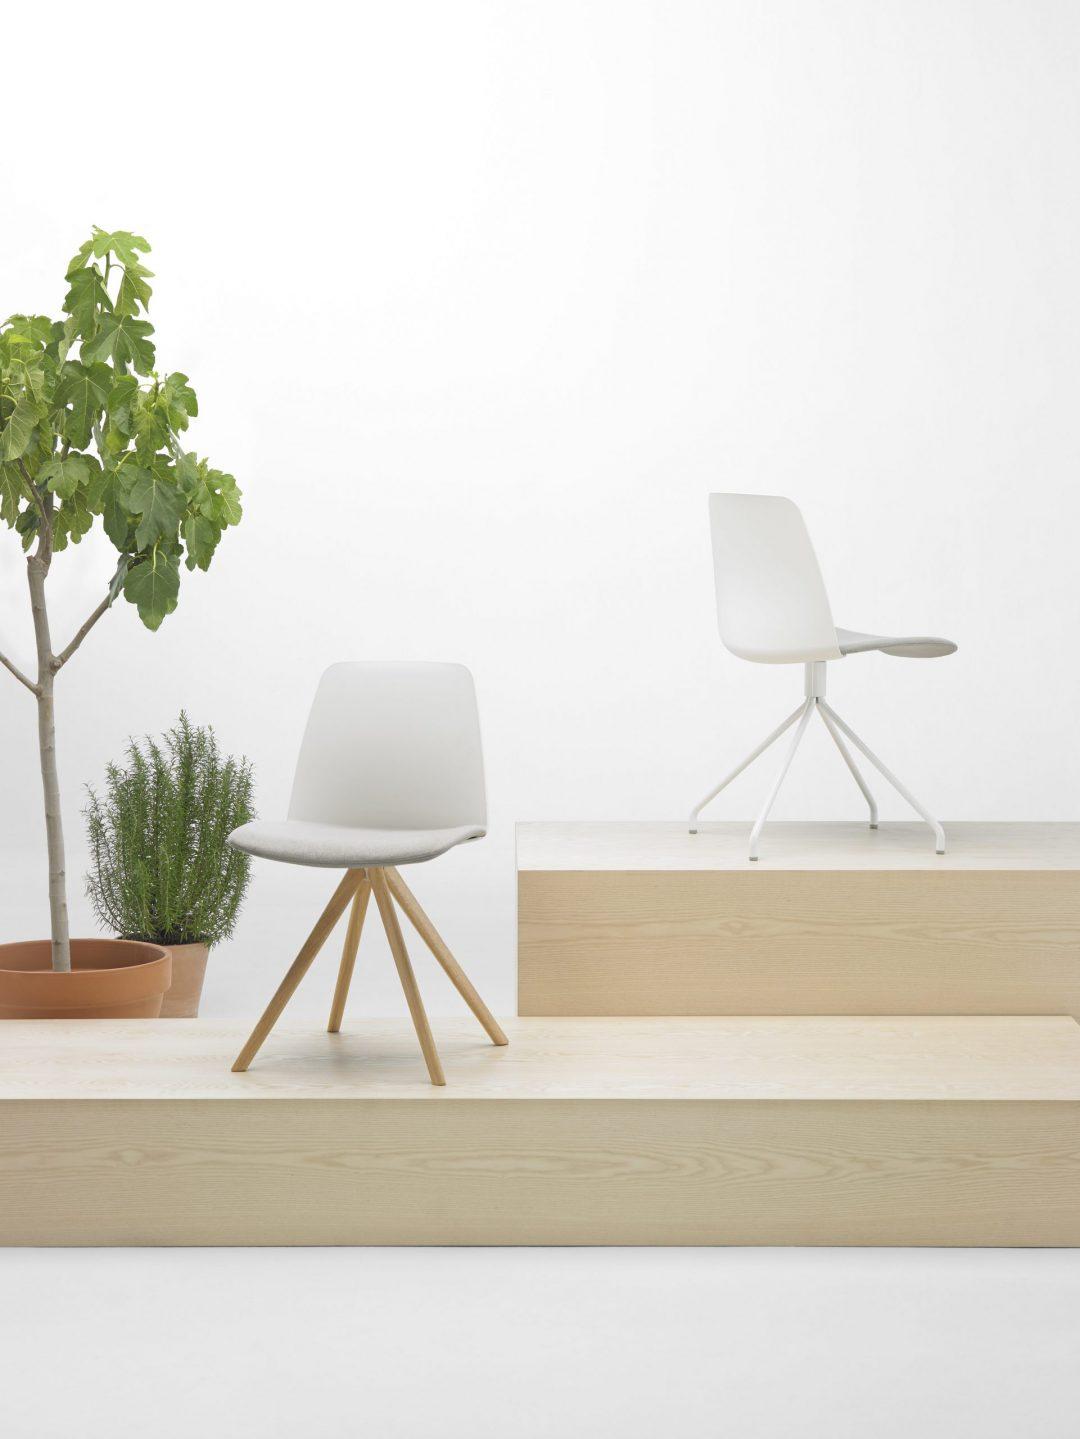 sillas con base de cuatro radios de madera